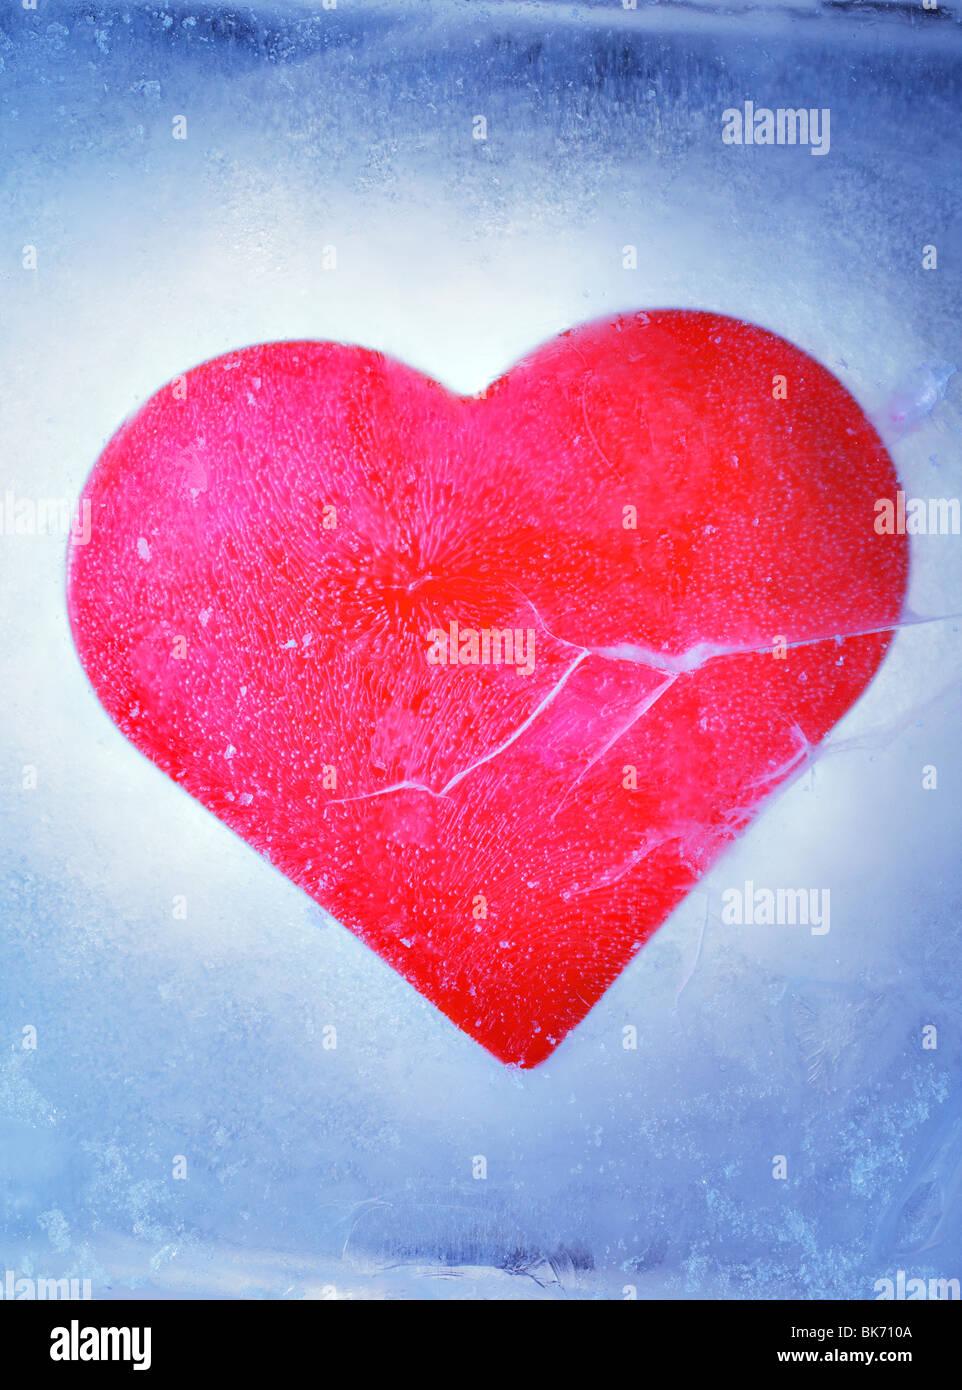 Ein rotes Herz in einem Eisblock eingefroren Stockbild